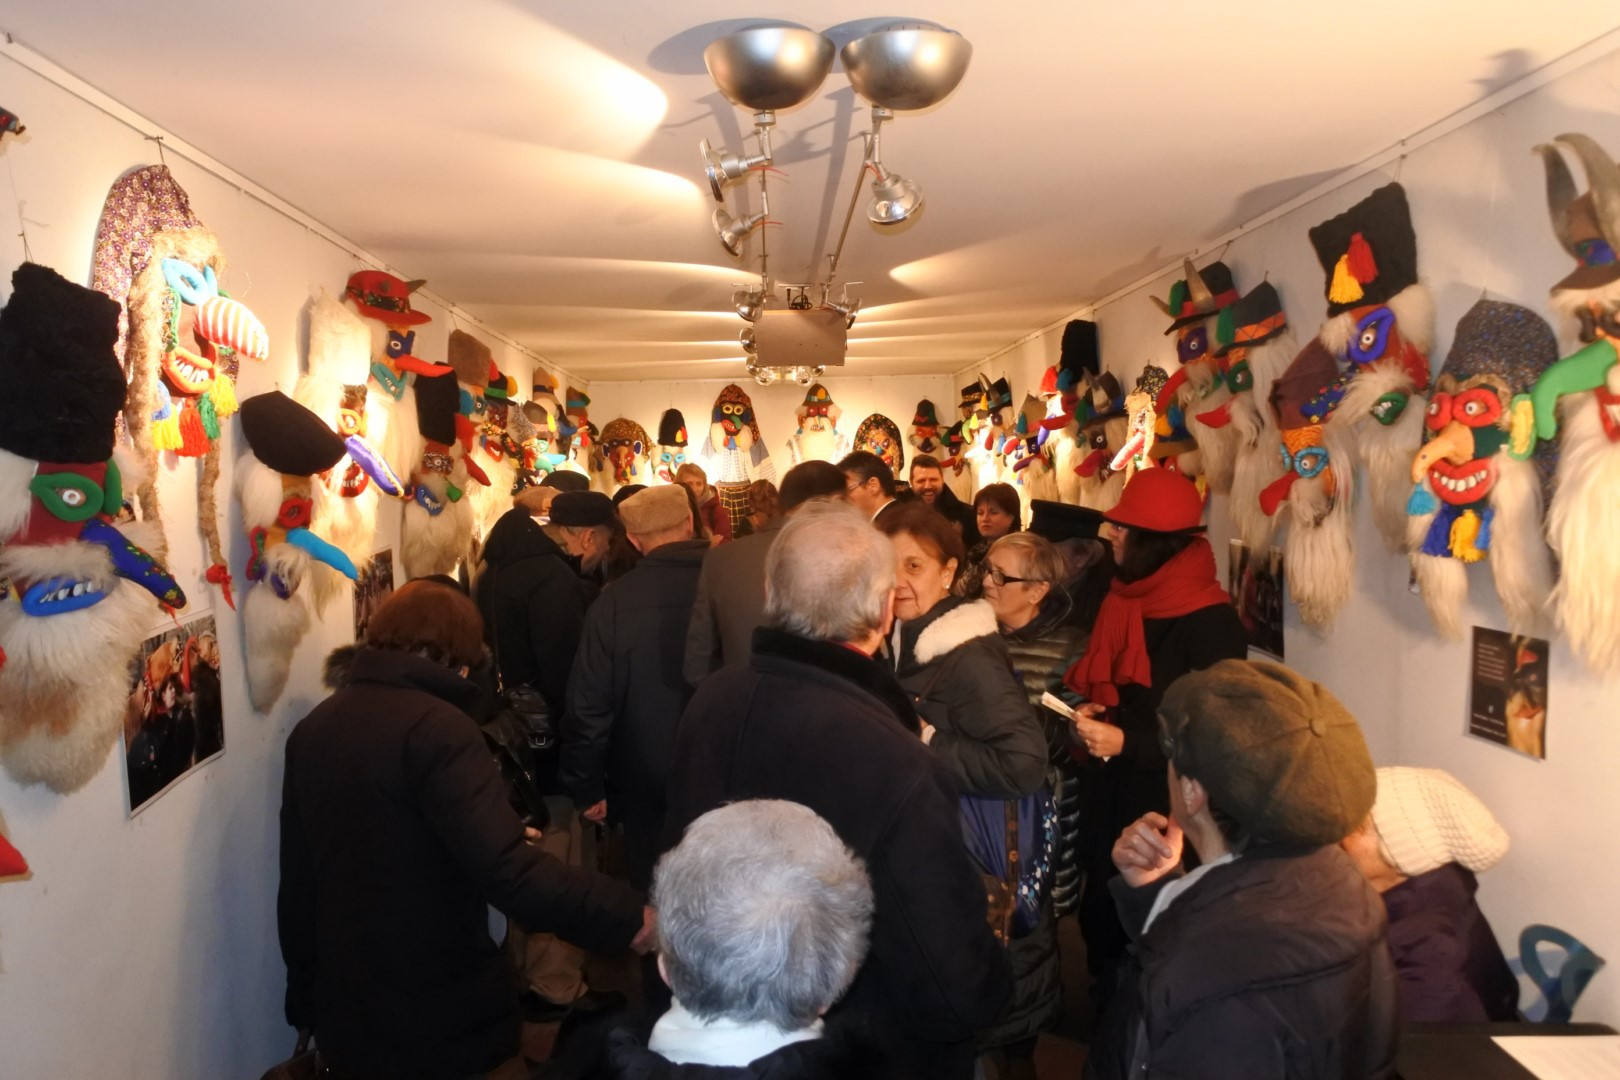 Un român a atras atenţia cu măştile sale ciudate la Carnavalul de la Veneţia